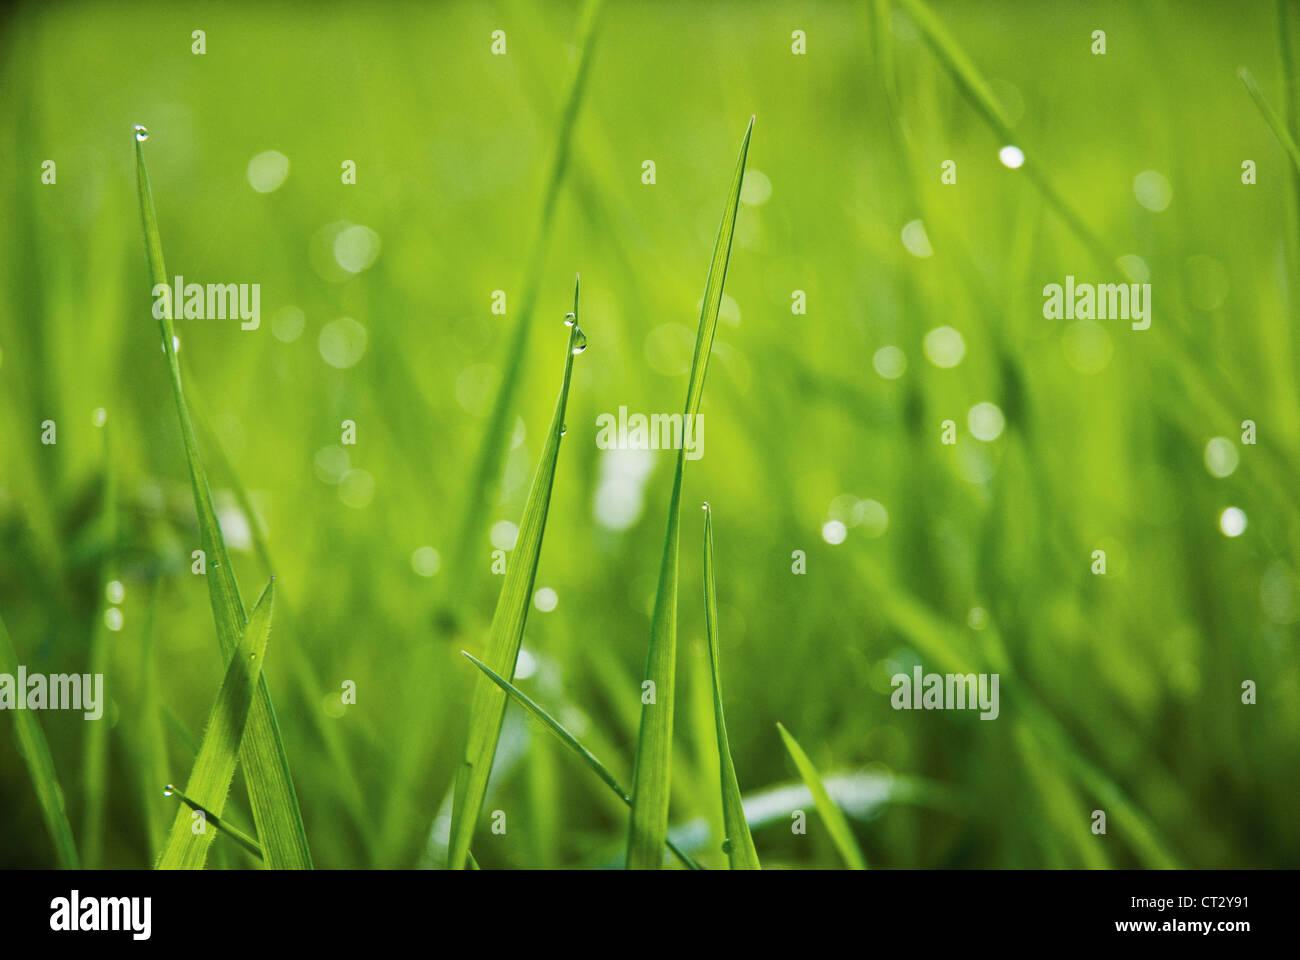 Hierba de cerca al nivel del suelo con gotas de agua sobre las hojas verdes. Imagen De Stock